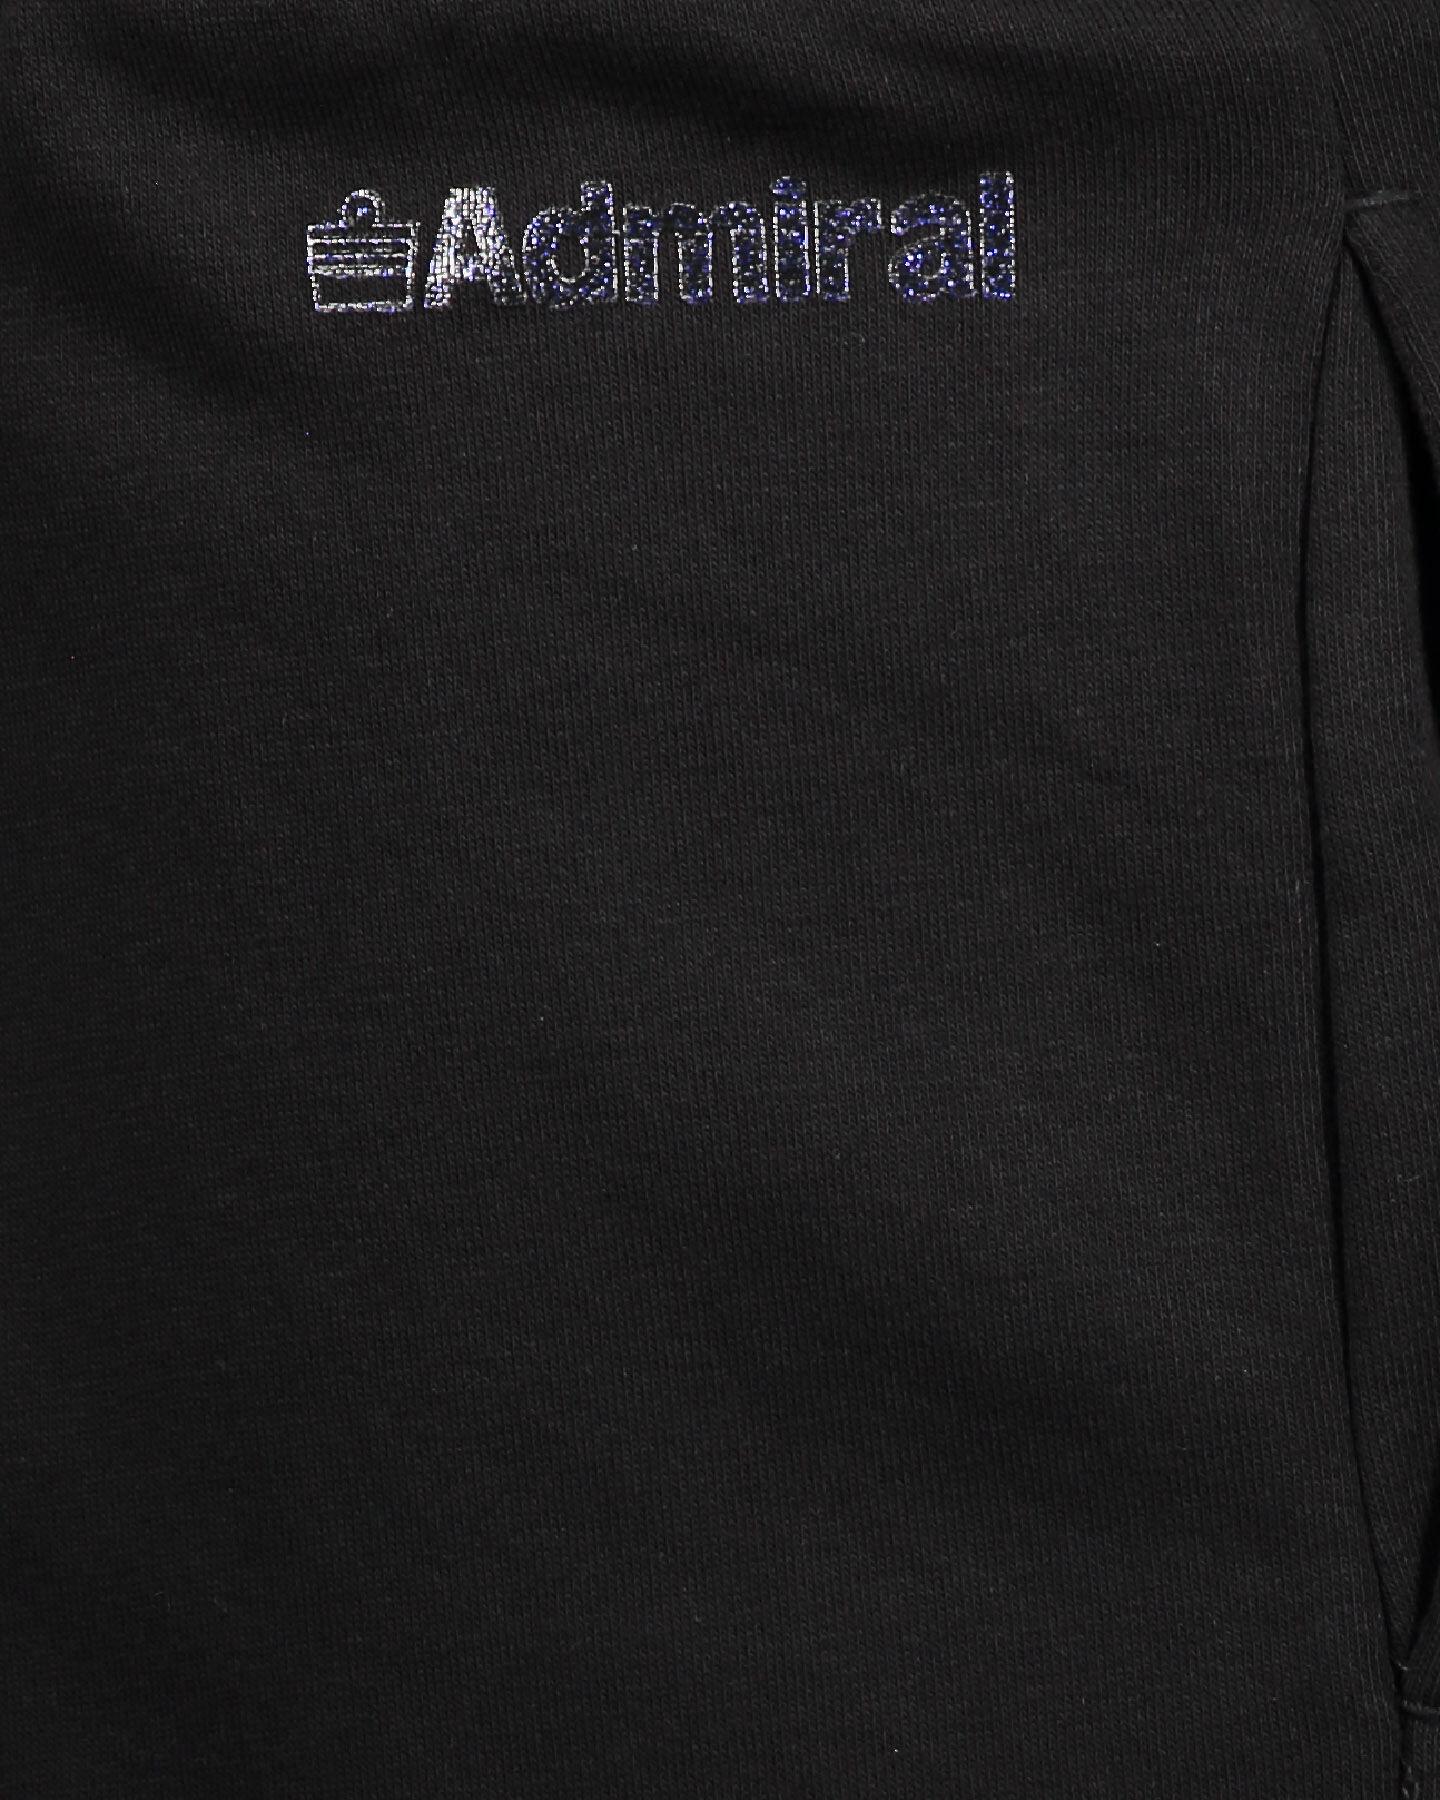 Pantalone ADMIRAL CLASSIC W S4080645 scatto 3